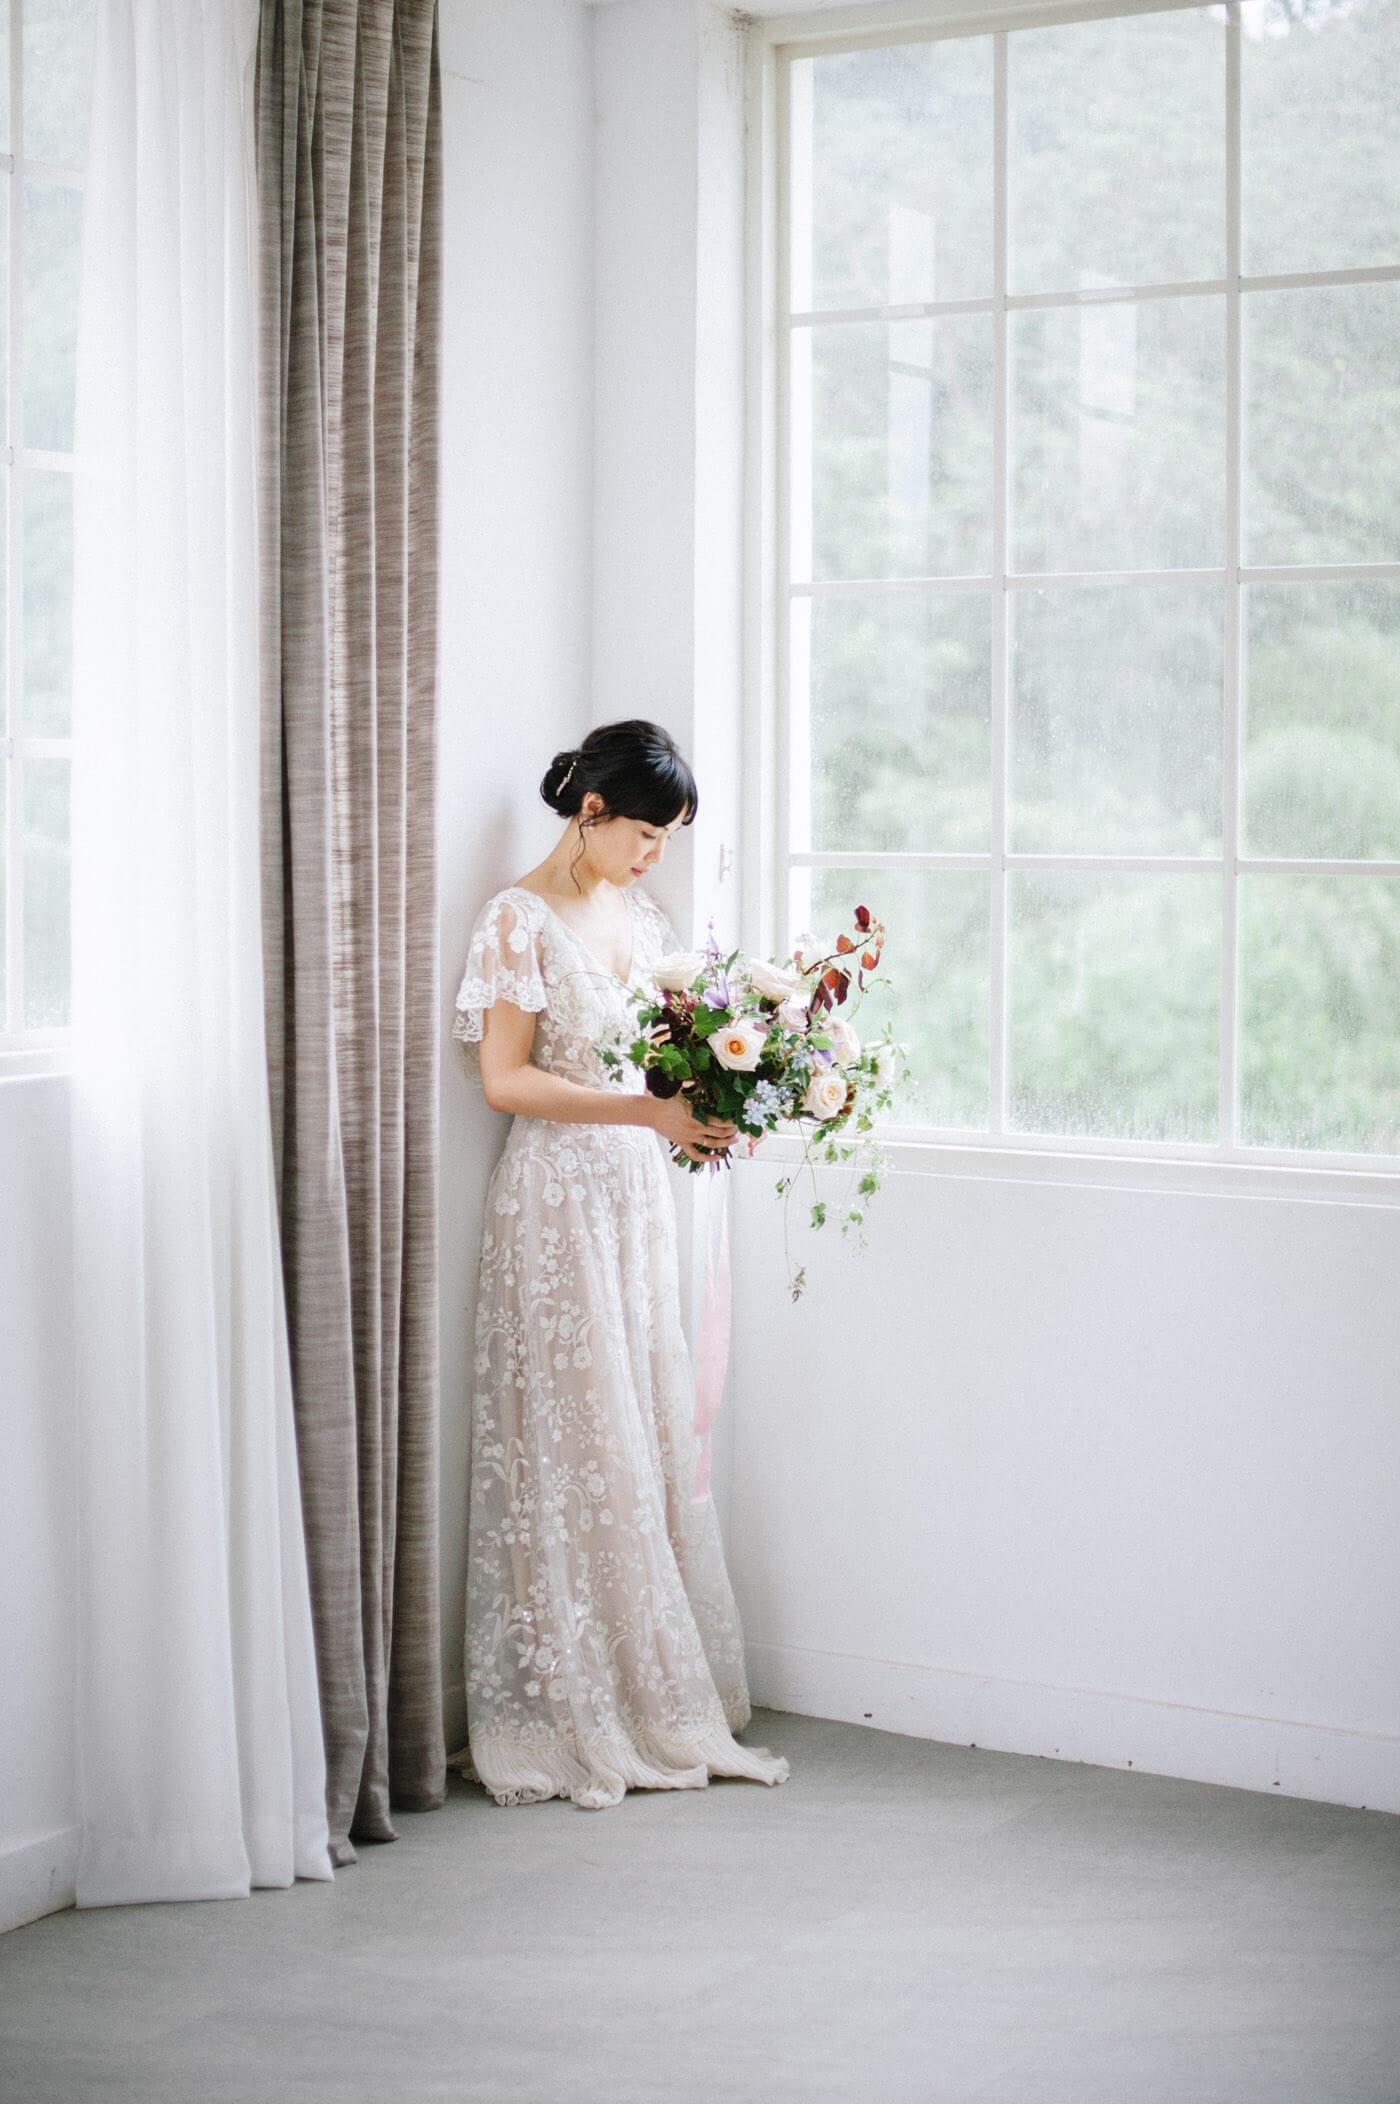 十週年婚紗 婚紗 捧花 唯諾禮服婚紗